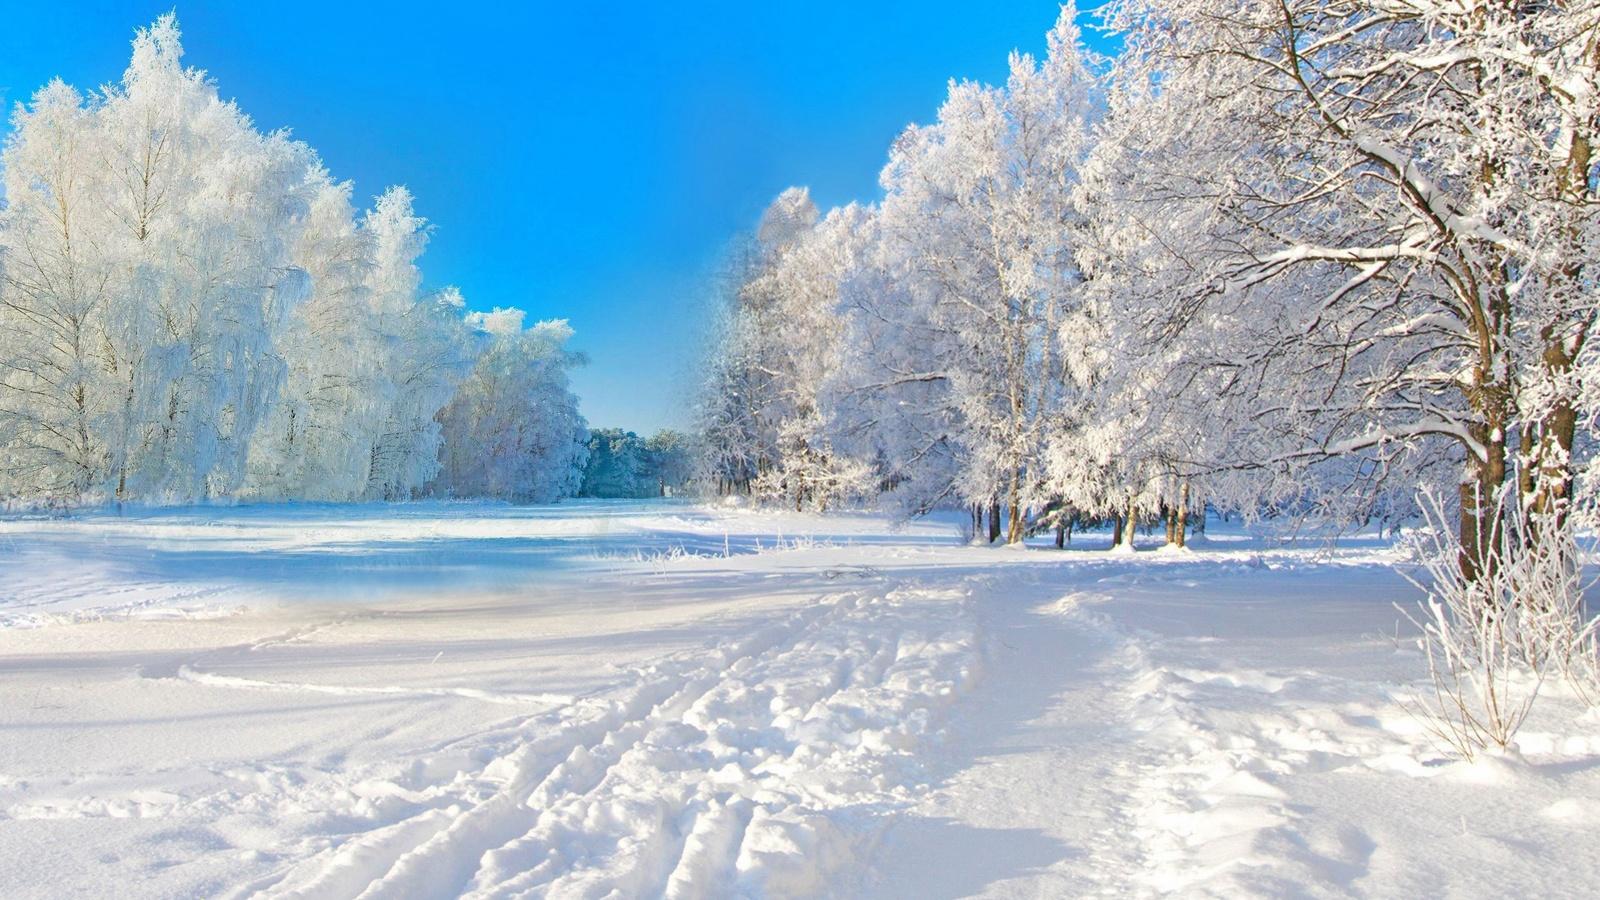 Картинки зимы красивые